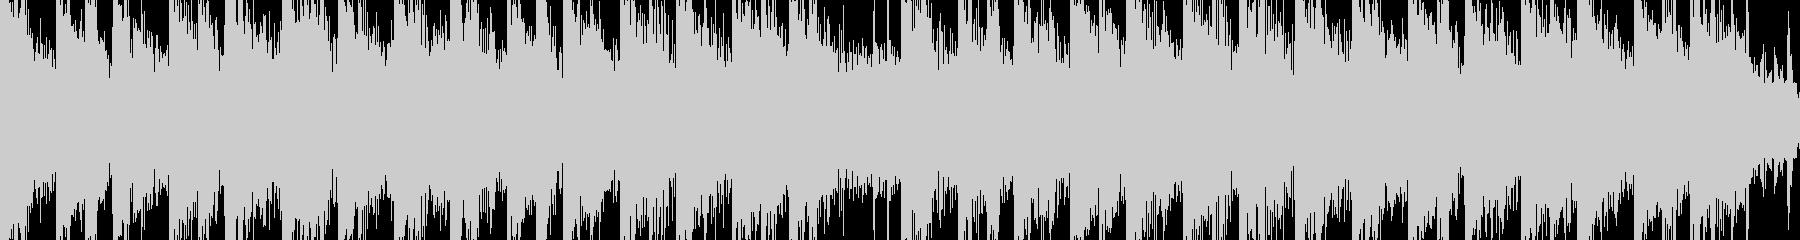 ループ加工したディスコ・ミュージックですの未再生の波形